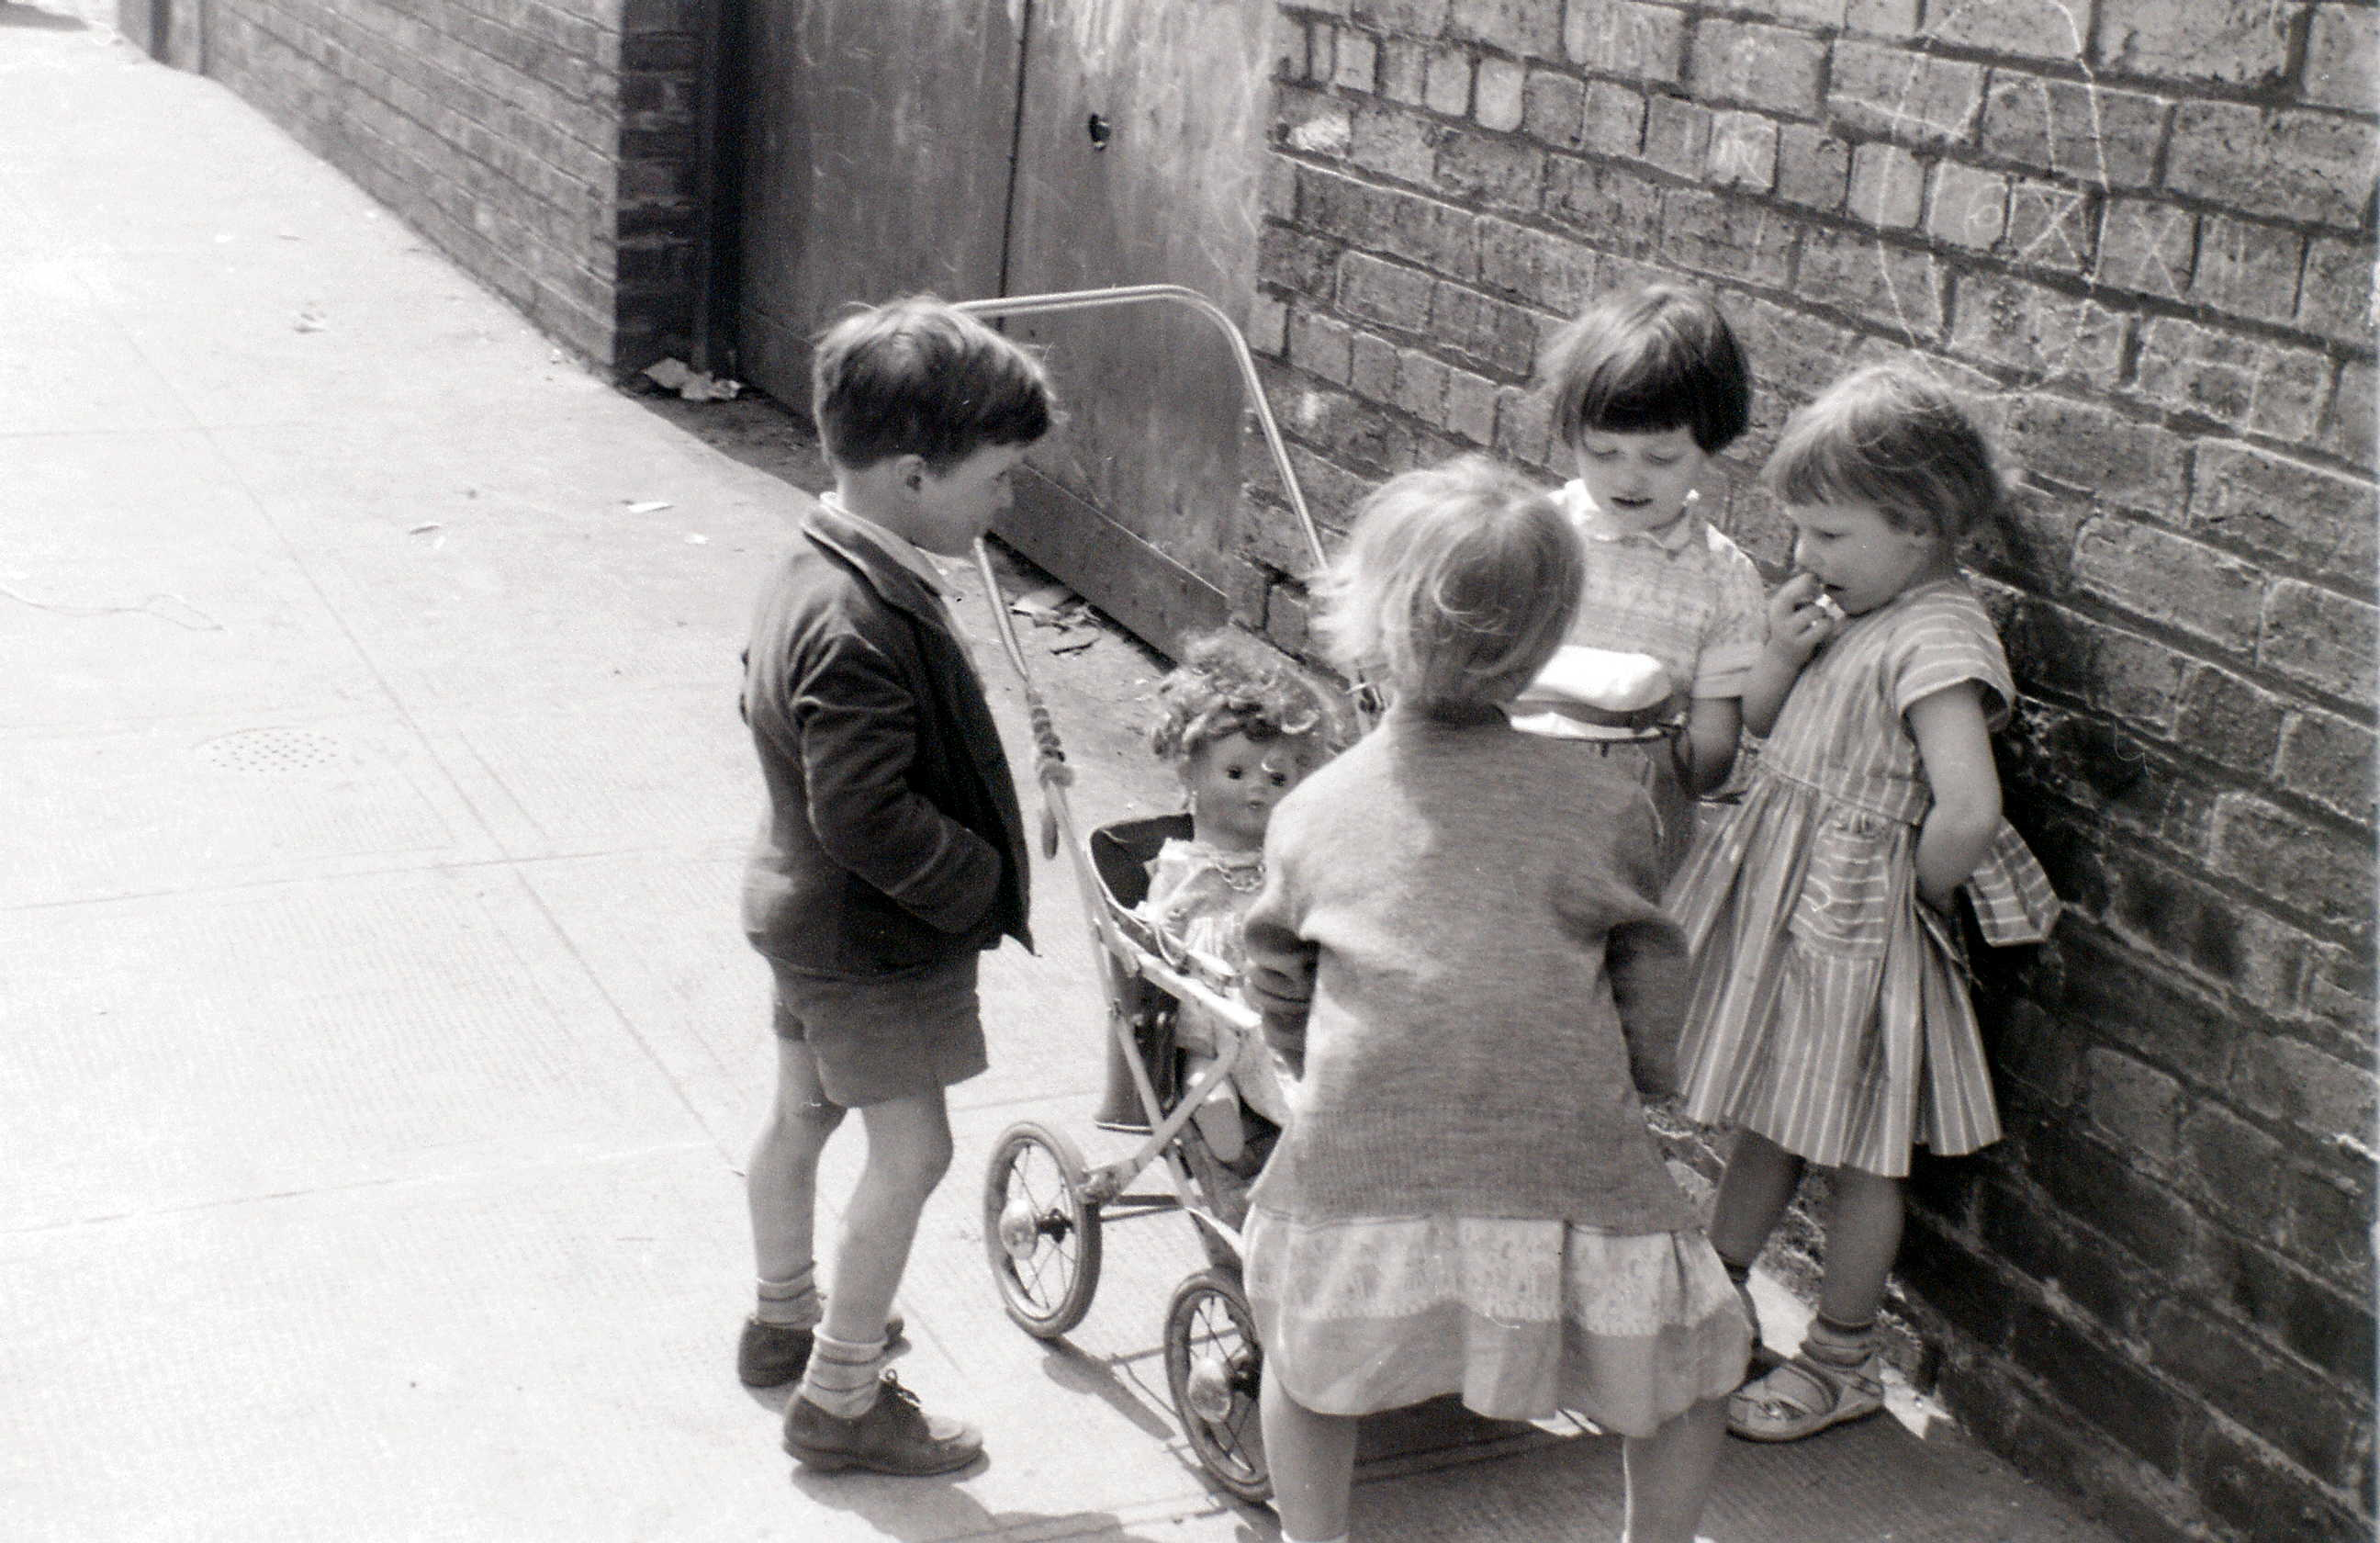 Горбалс, Глазго, 19 апреля 1960 2.jpg